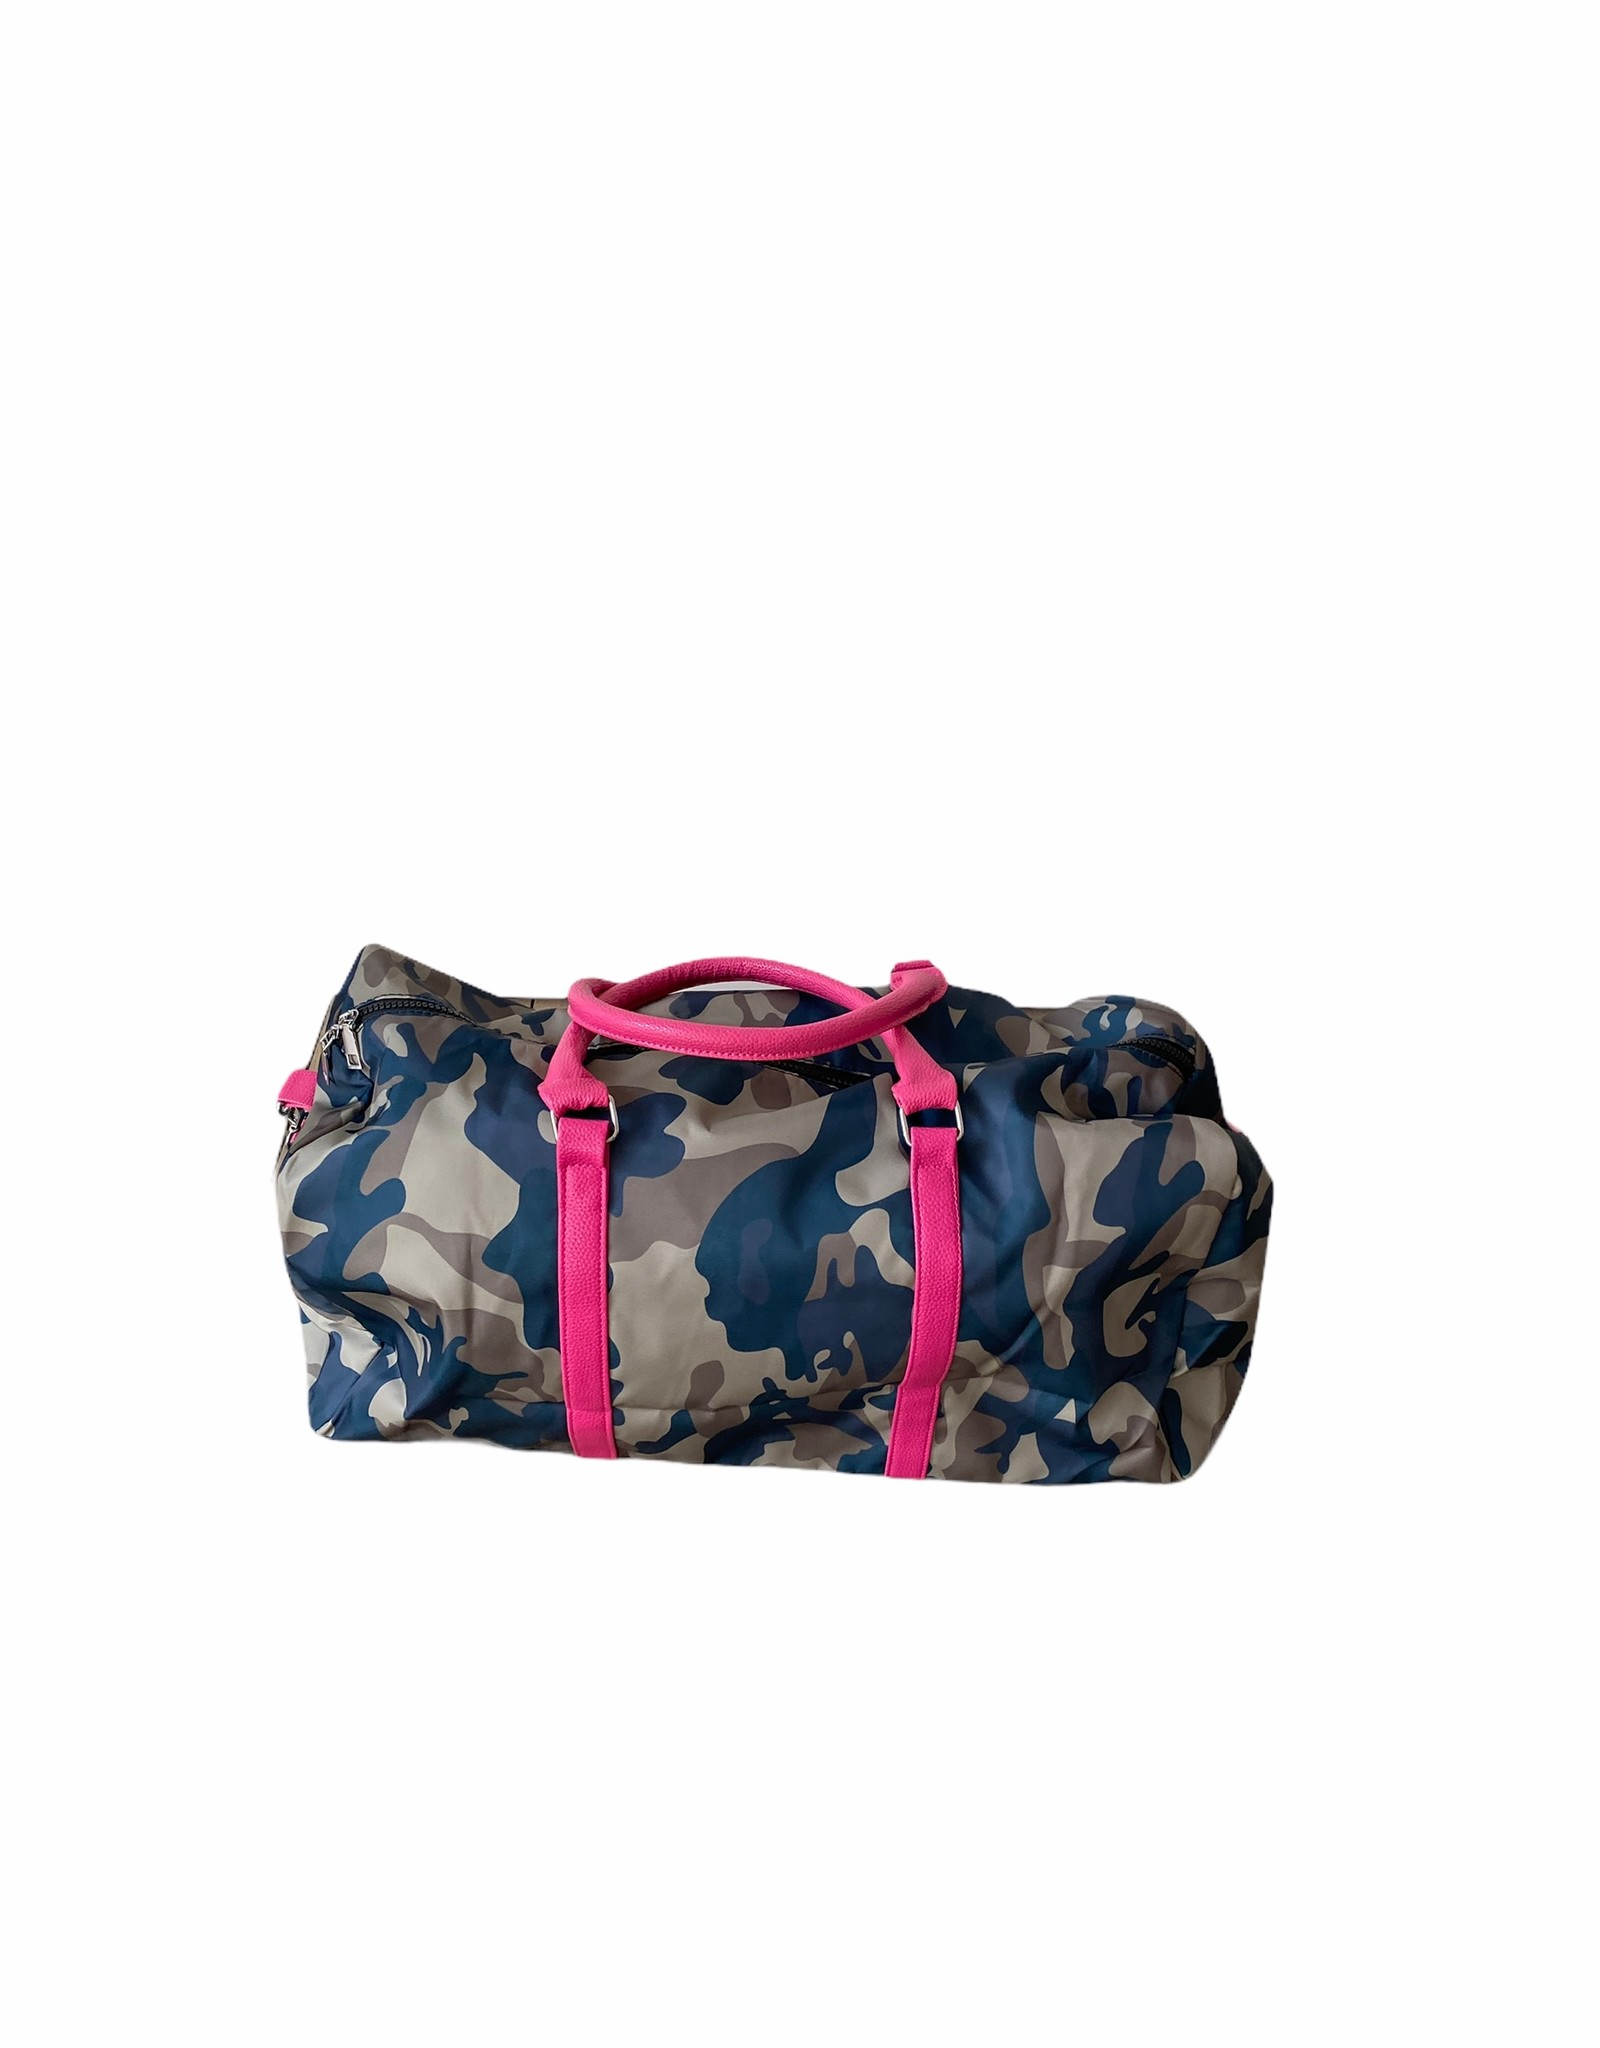 Weekendtas in camouflage waterafstotende stof.  Handvaten in kunstleder, lange riem in stof.